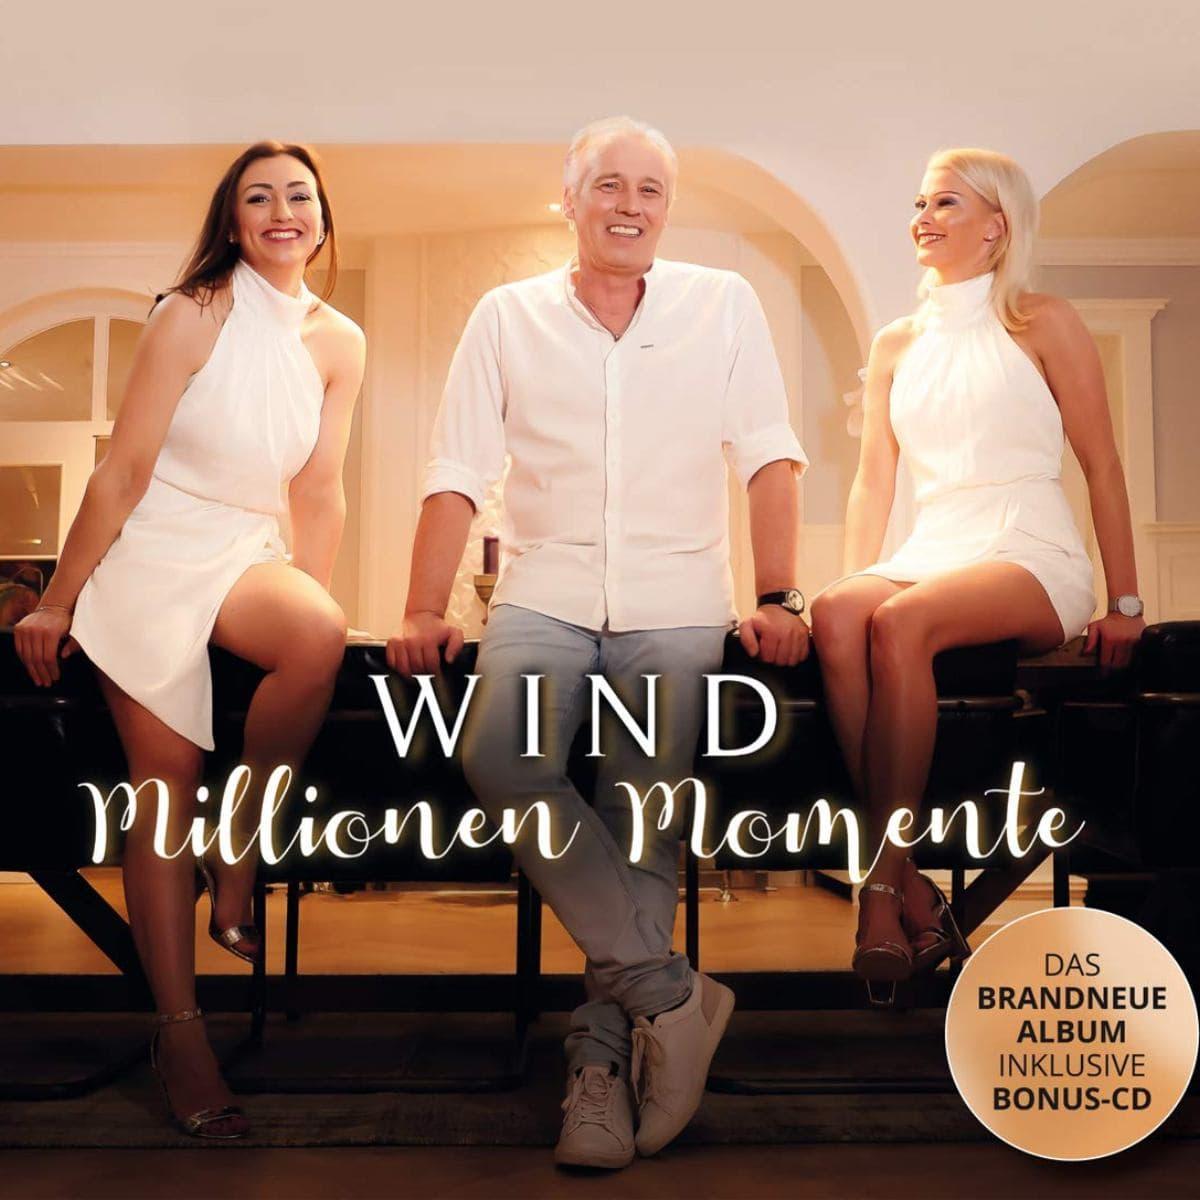 Wind CD Millionen Momente 2019